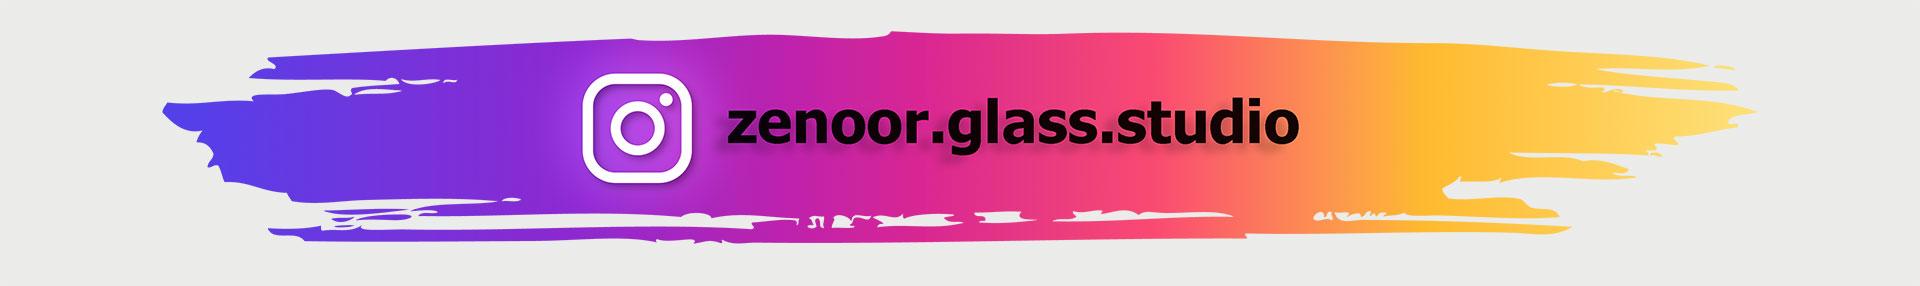 zenoor.glass.studio